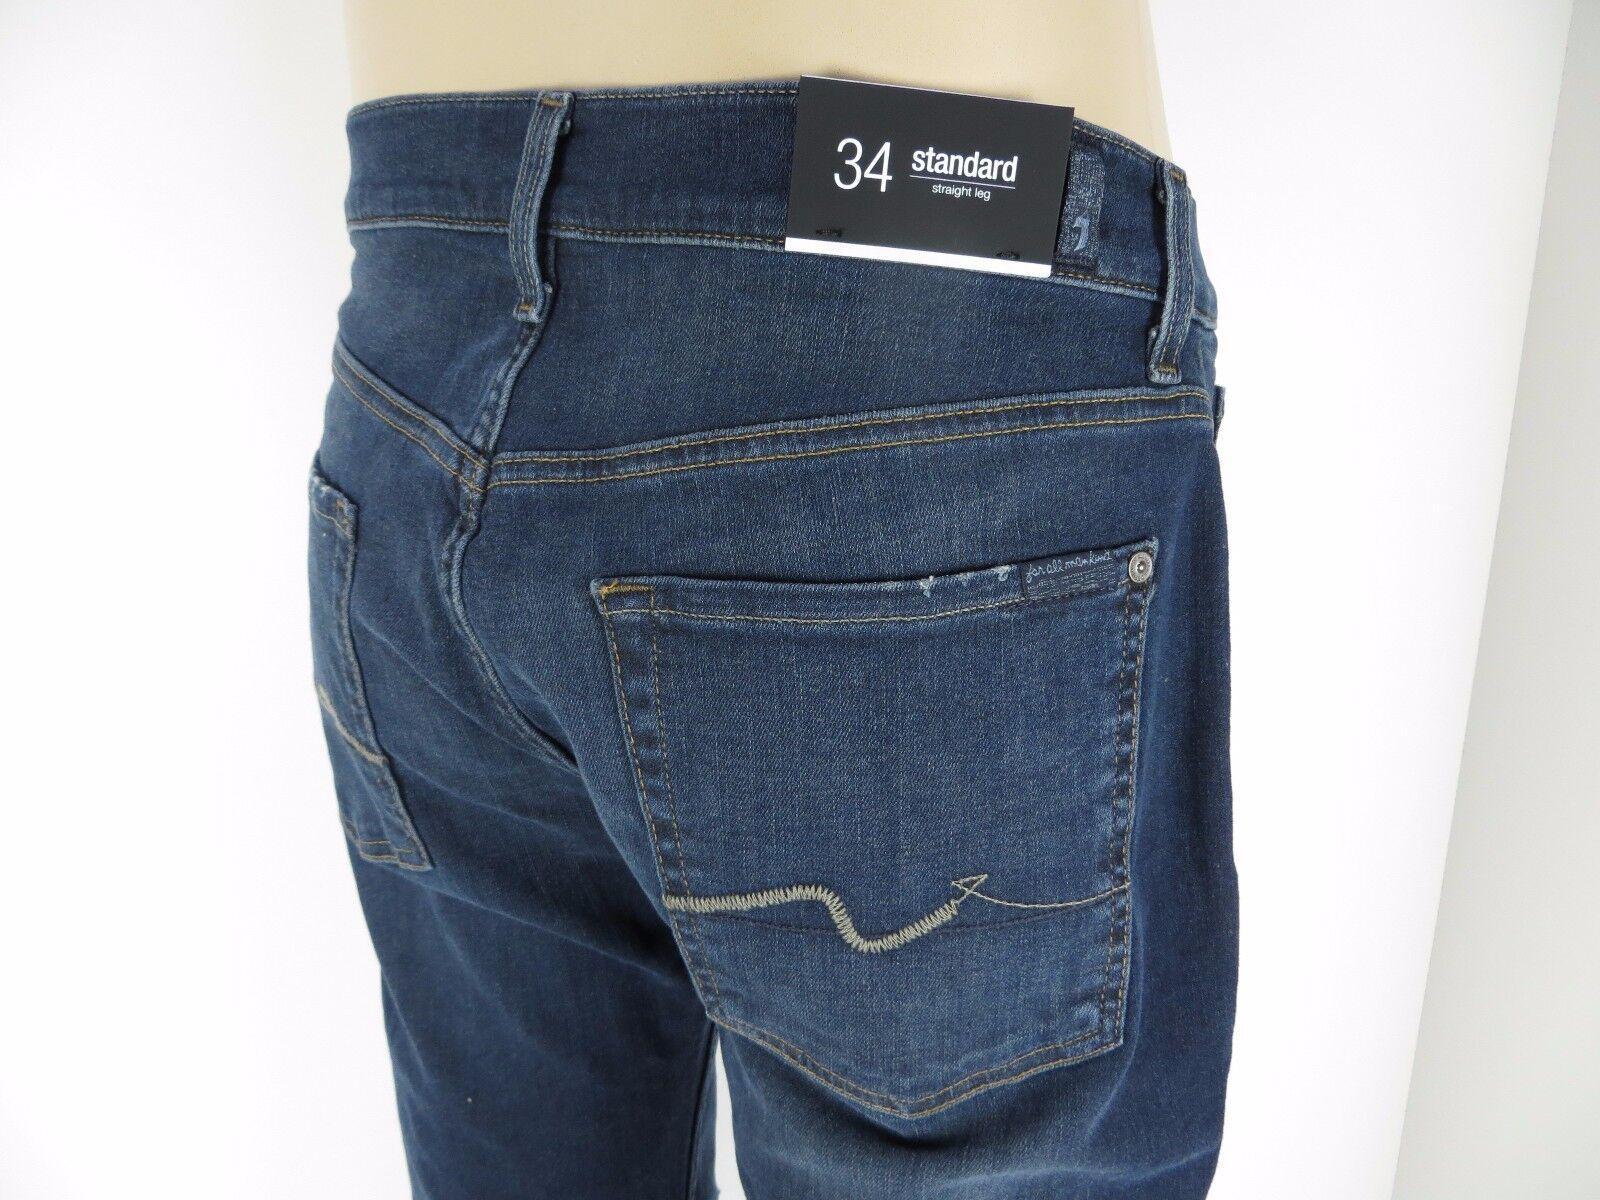 Nuevo con  etiquetas 7 Seven for all mankind, Hombres Jeans, estándar, pierna recta, no, tamaño 34  grandes precios de descuento